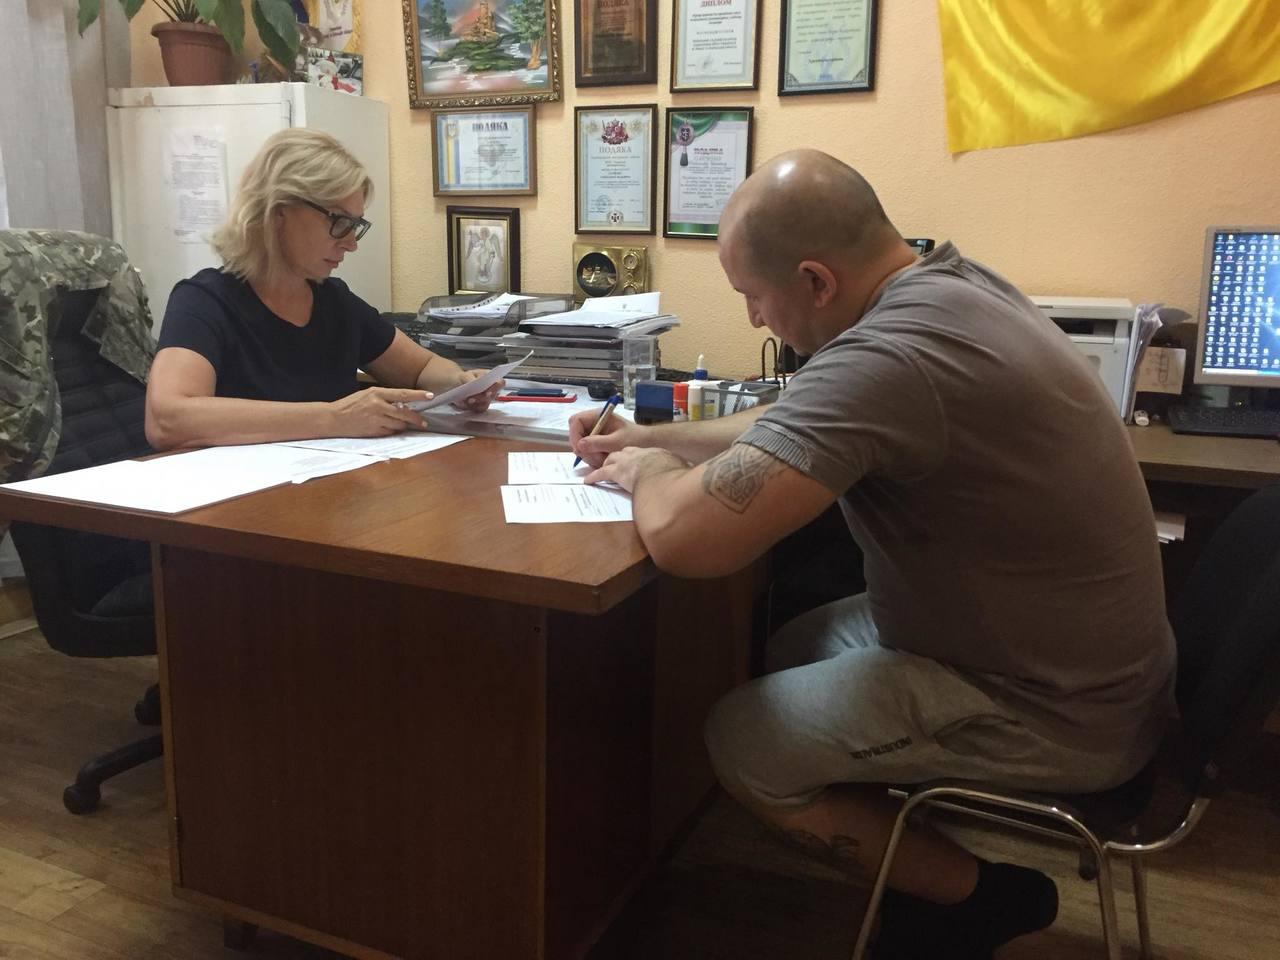 Ukraine News. Tuesday 14 August. [Ukrainian sources] Ac57e08c0f2e7f6e7b1019beeca2fbde